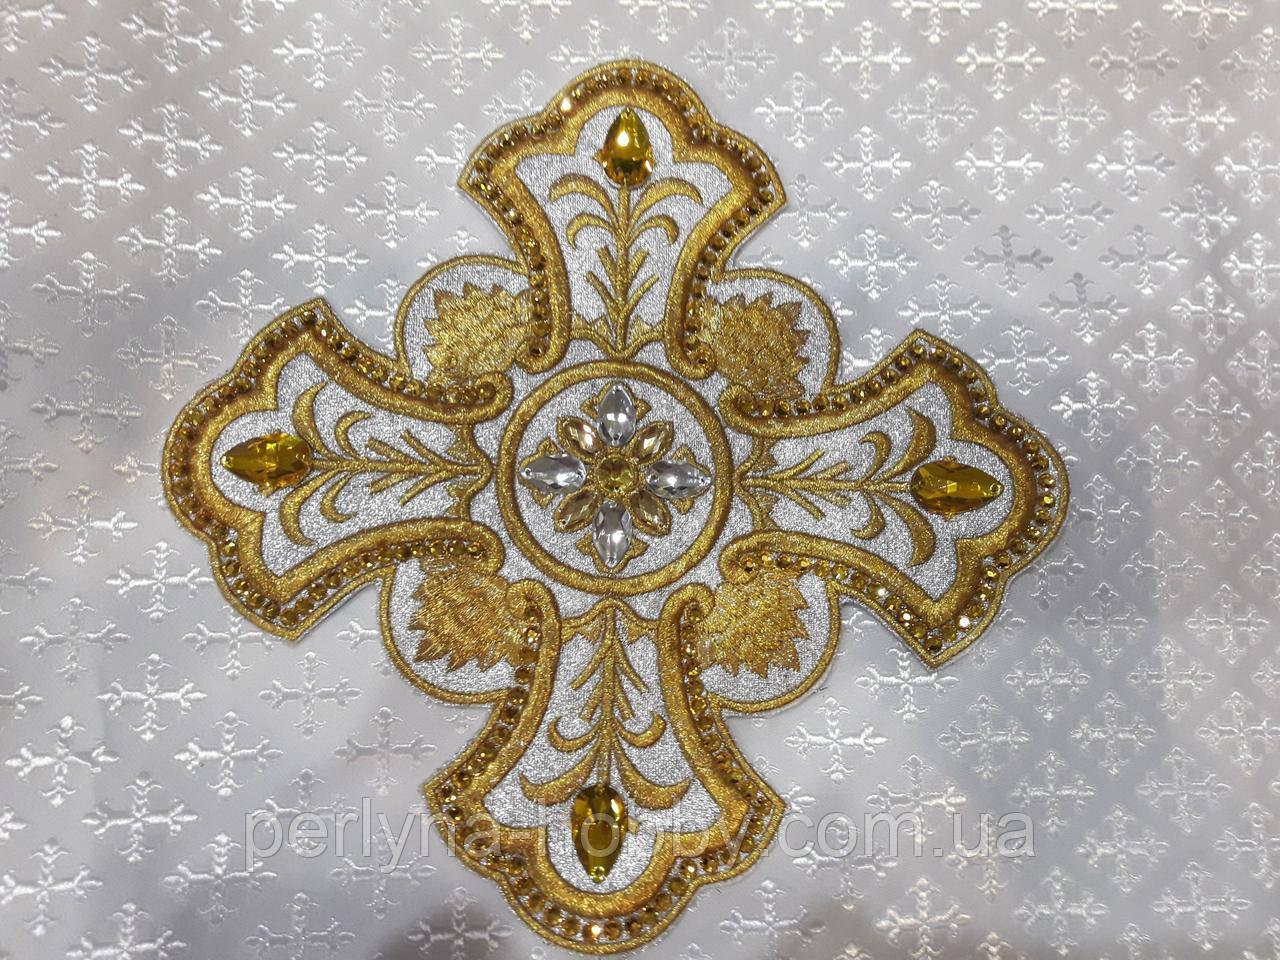 Хрест (крест) для церковного одягу великий  24 на 24 см золотистий на срібному з жовтими стразами